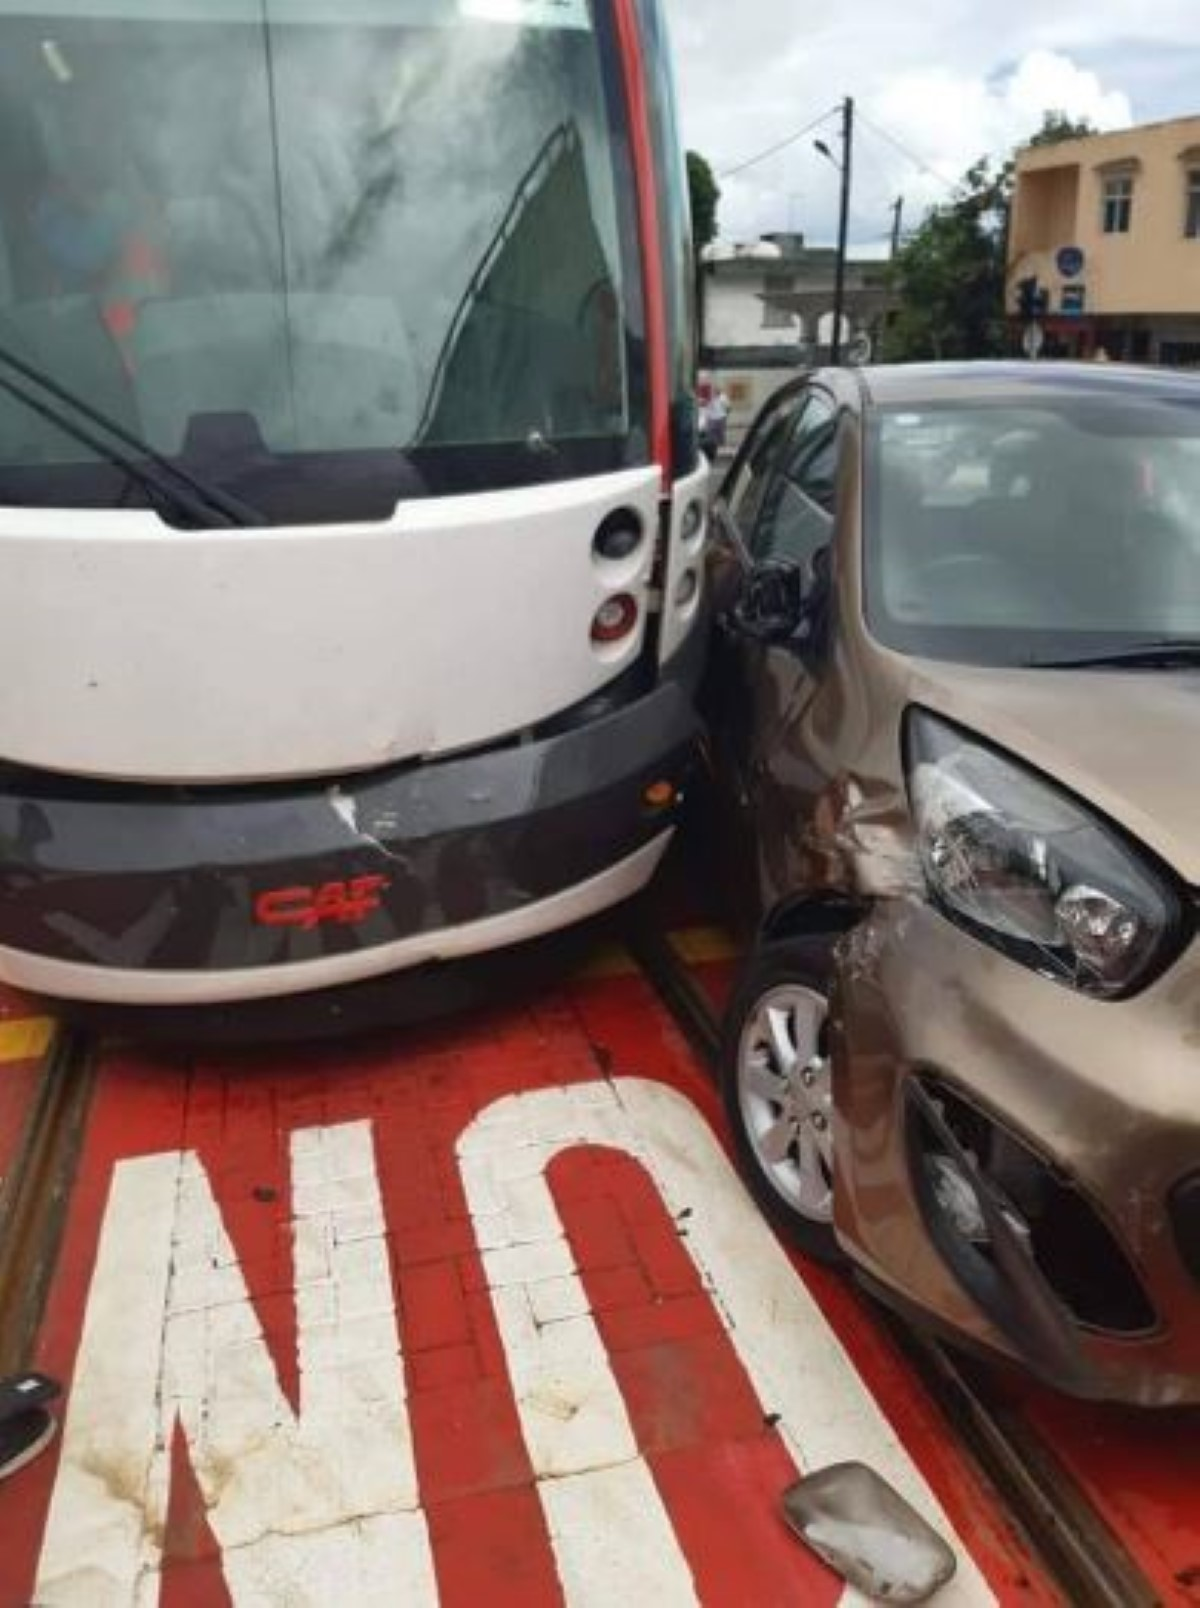 Accident Metro Express : « La voiture a pris une voie interdite »